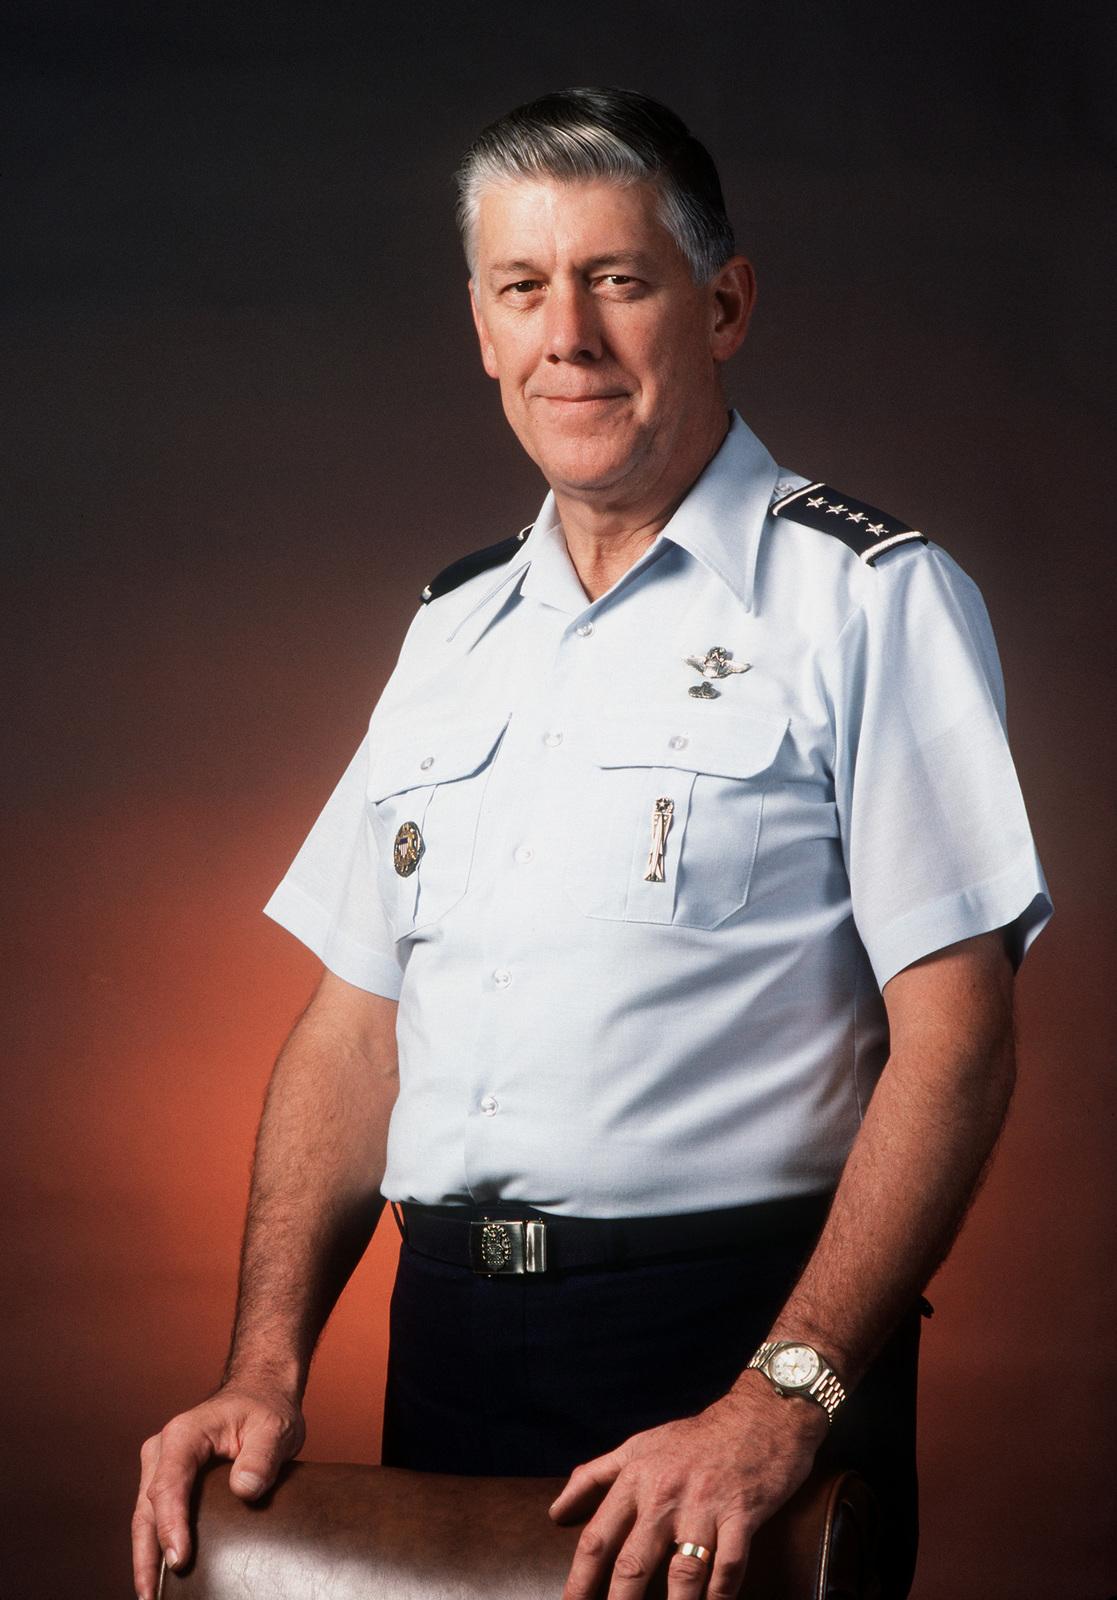 GEN Lawrence A. Skantze, USAF (uncovered)